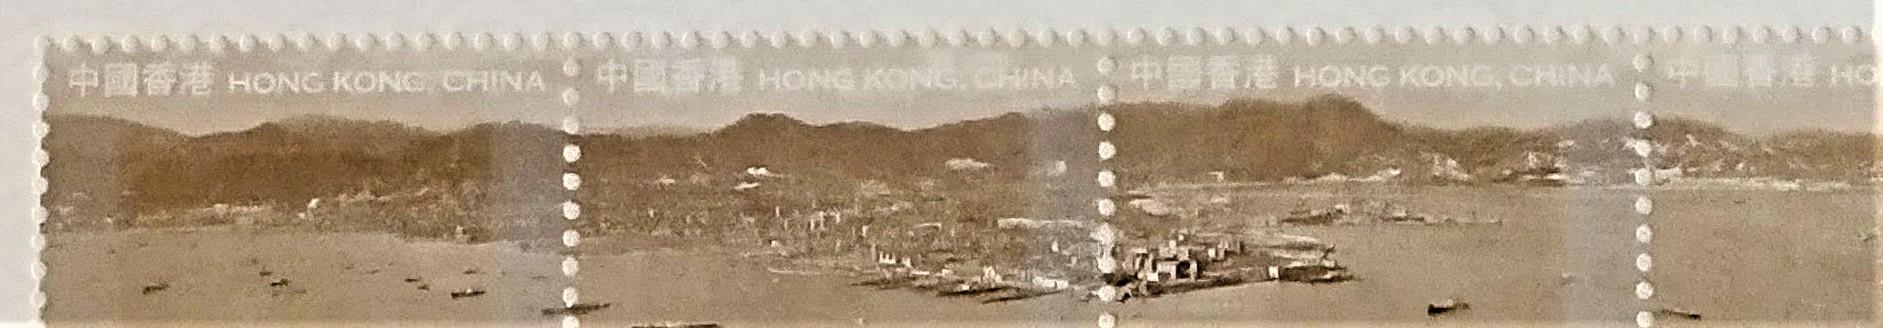 Kowloon Peninsula in 1962